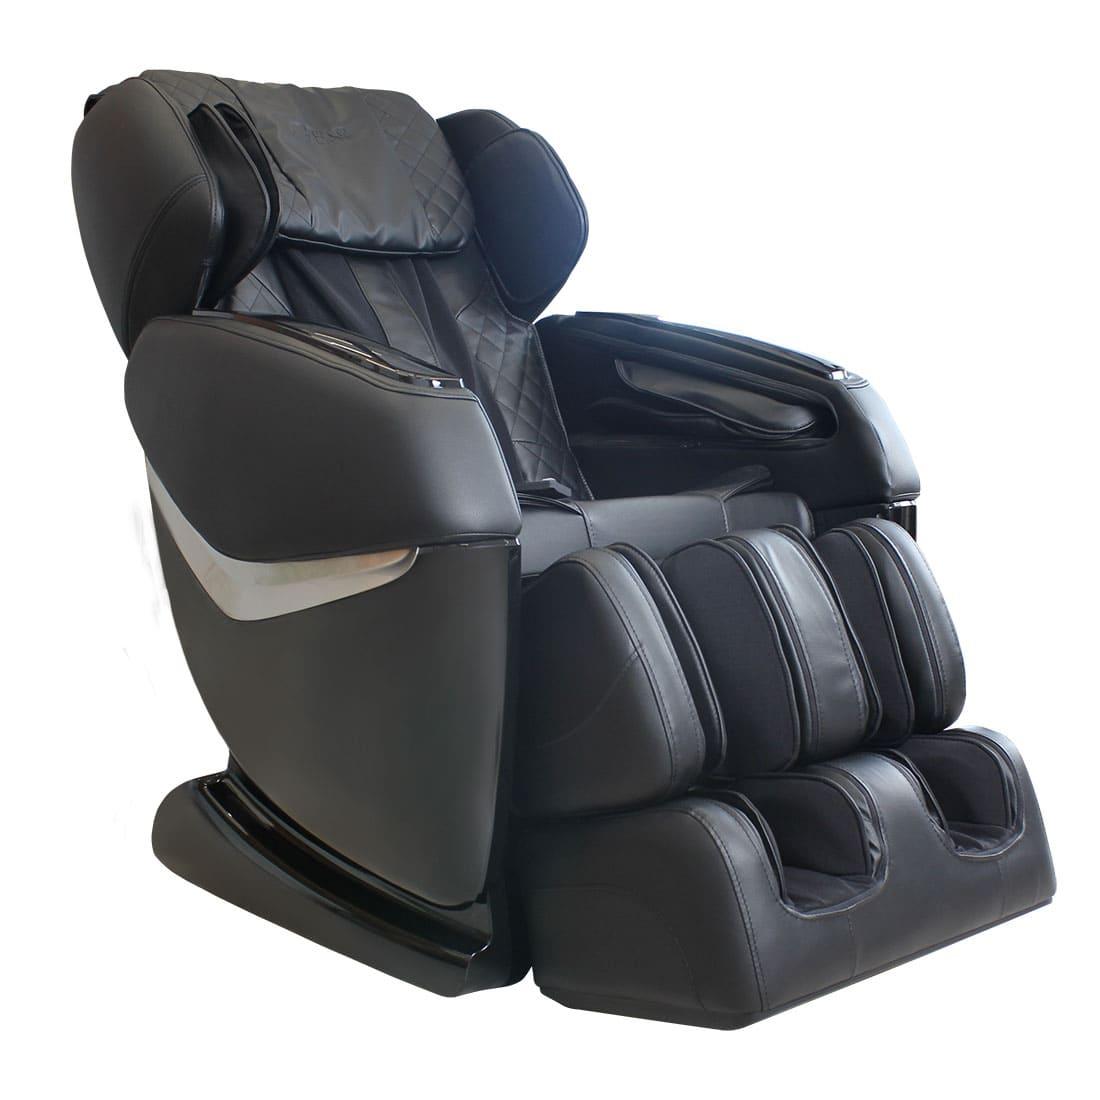 Кресло массажер красноярск кружевное белье на маленькую грудь